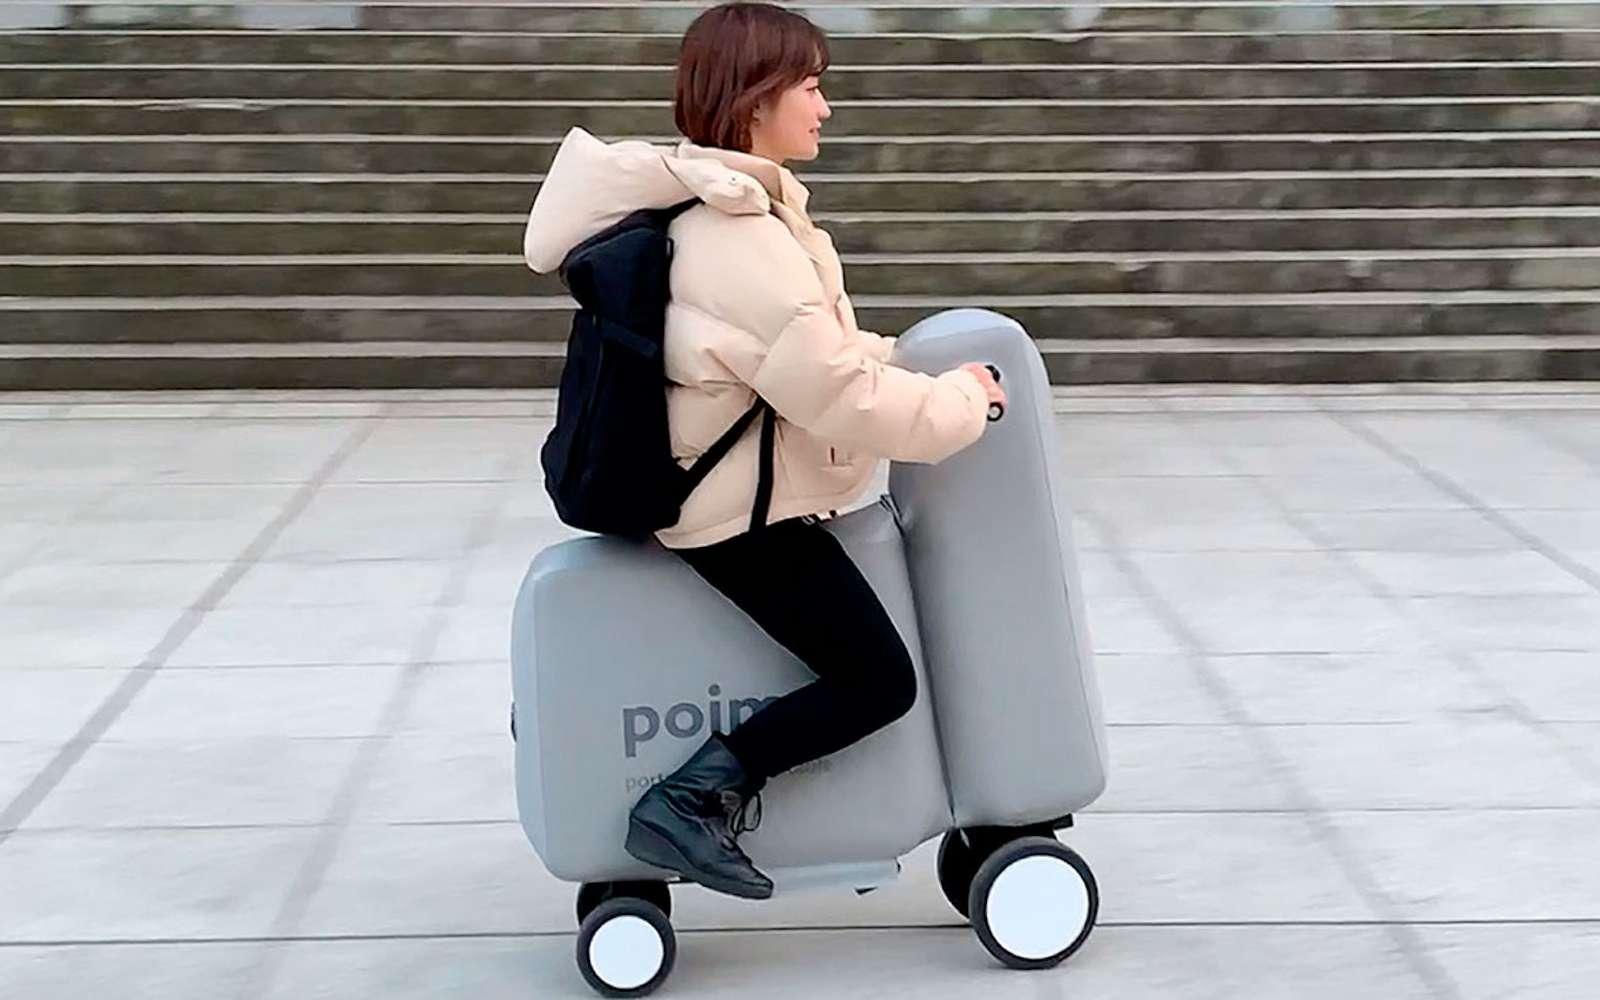 Le vélo électrique gonflable Poimo pèse 5 kilos et se gonfle en une minute. © Université de Tokyo